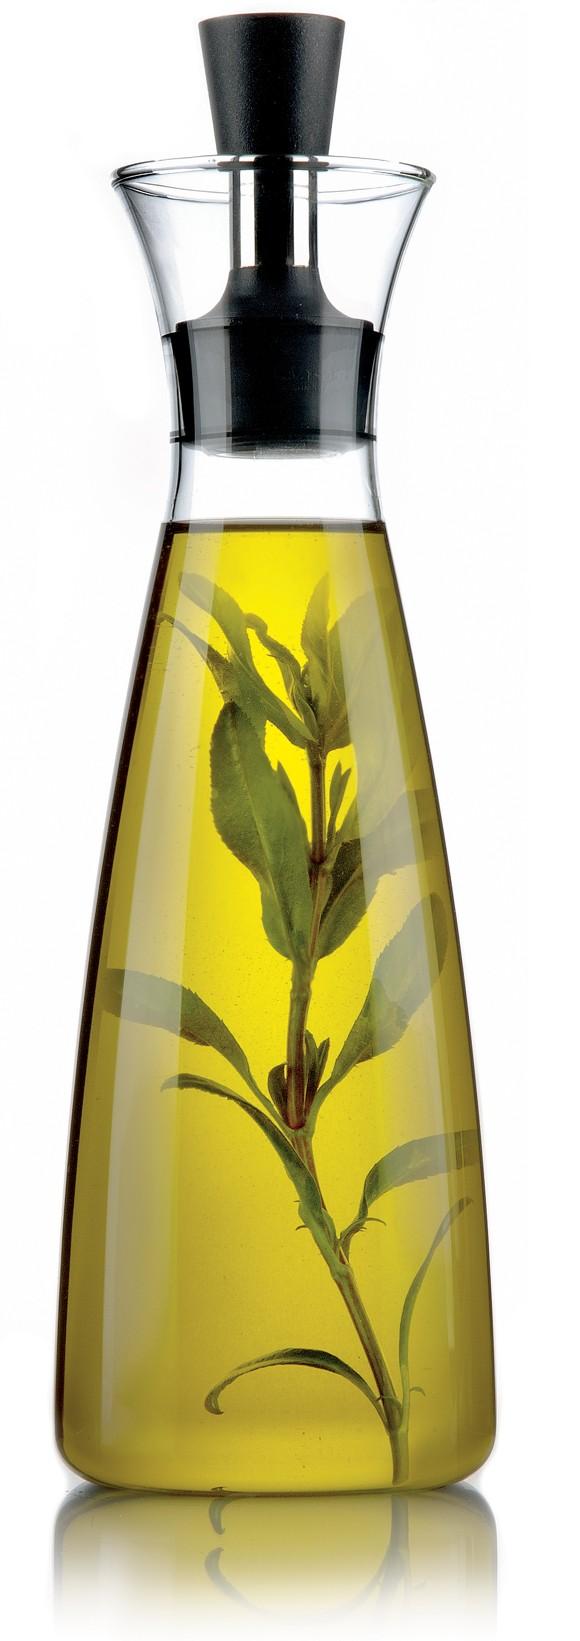 Eva Solo - Oli/Vinegar Carafe (567685)